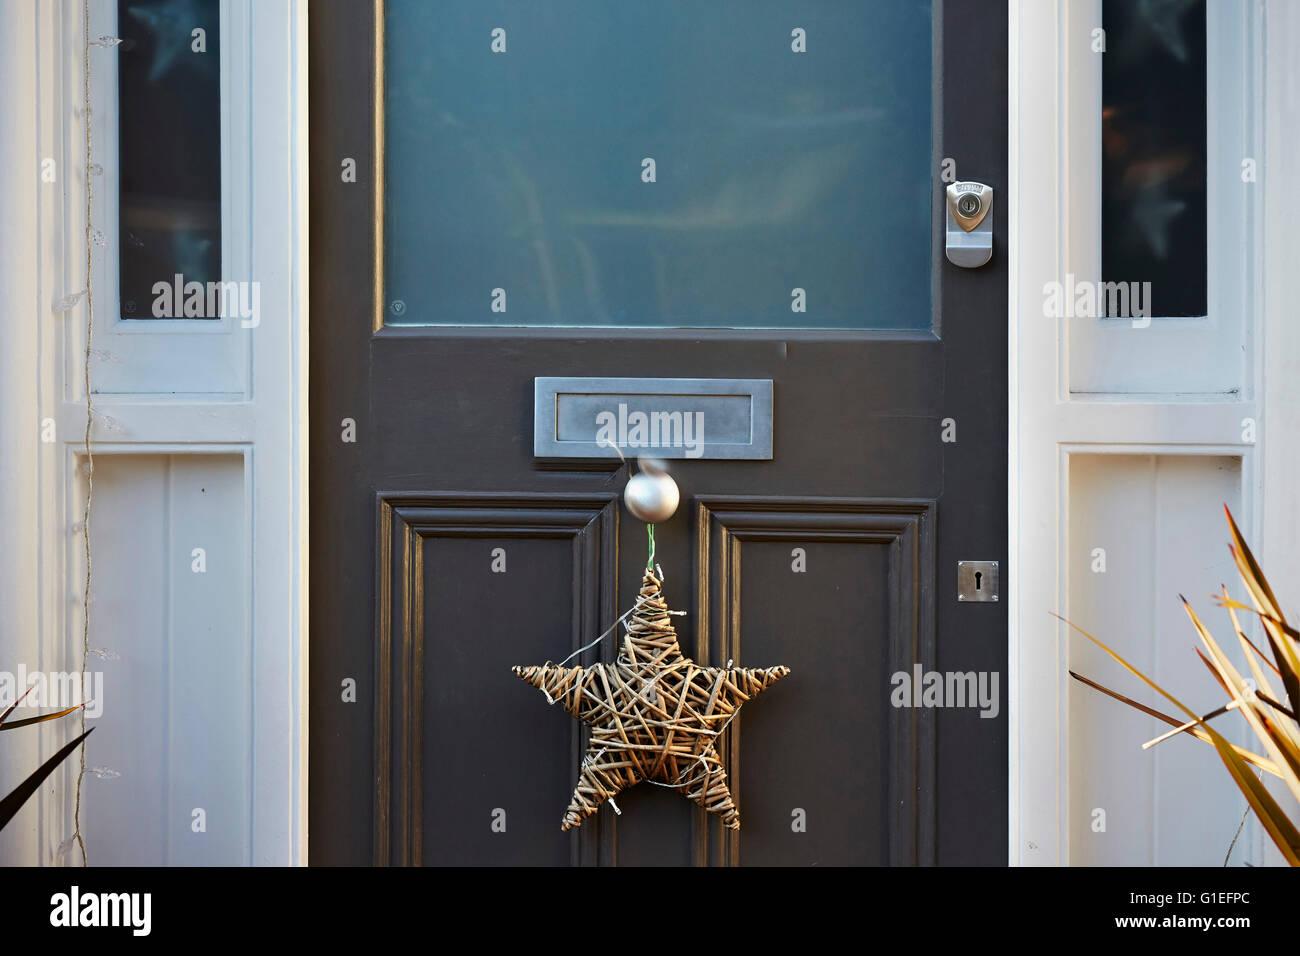 Guirnalda de navidad en la puerta. Guirnalda en forma de estrella colgando del pomo. Imagen De Stock